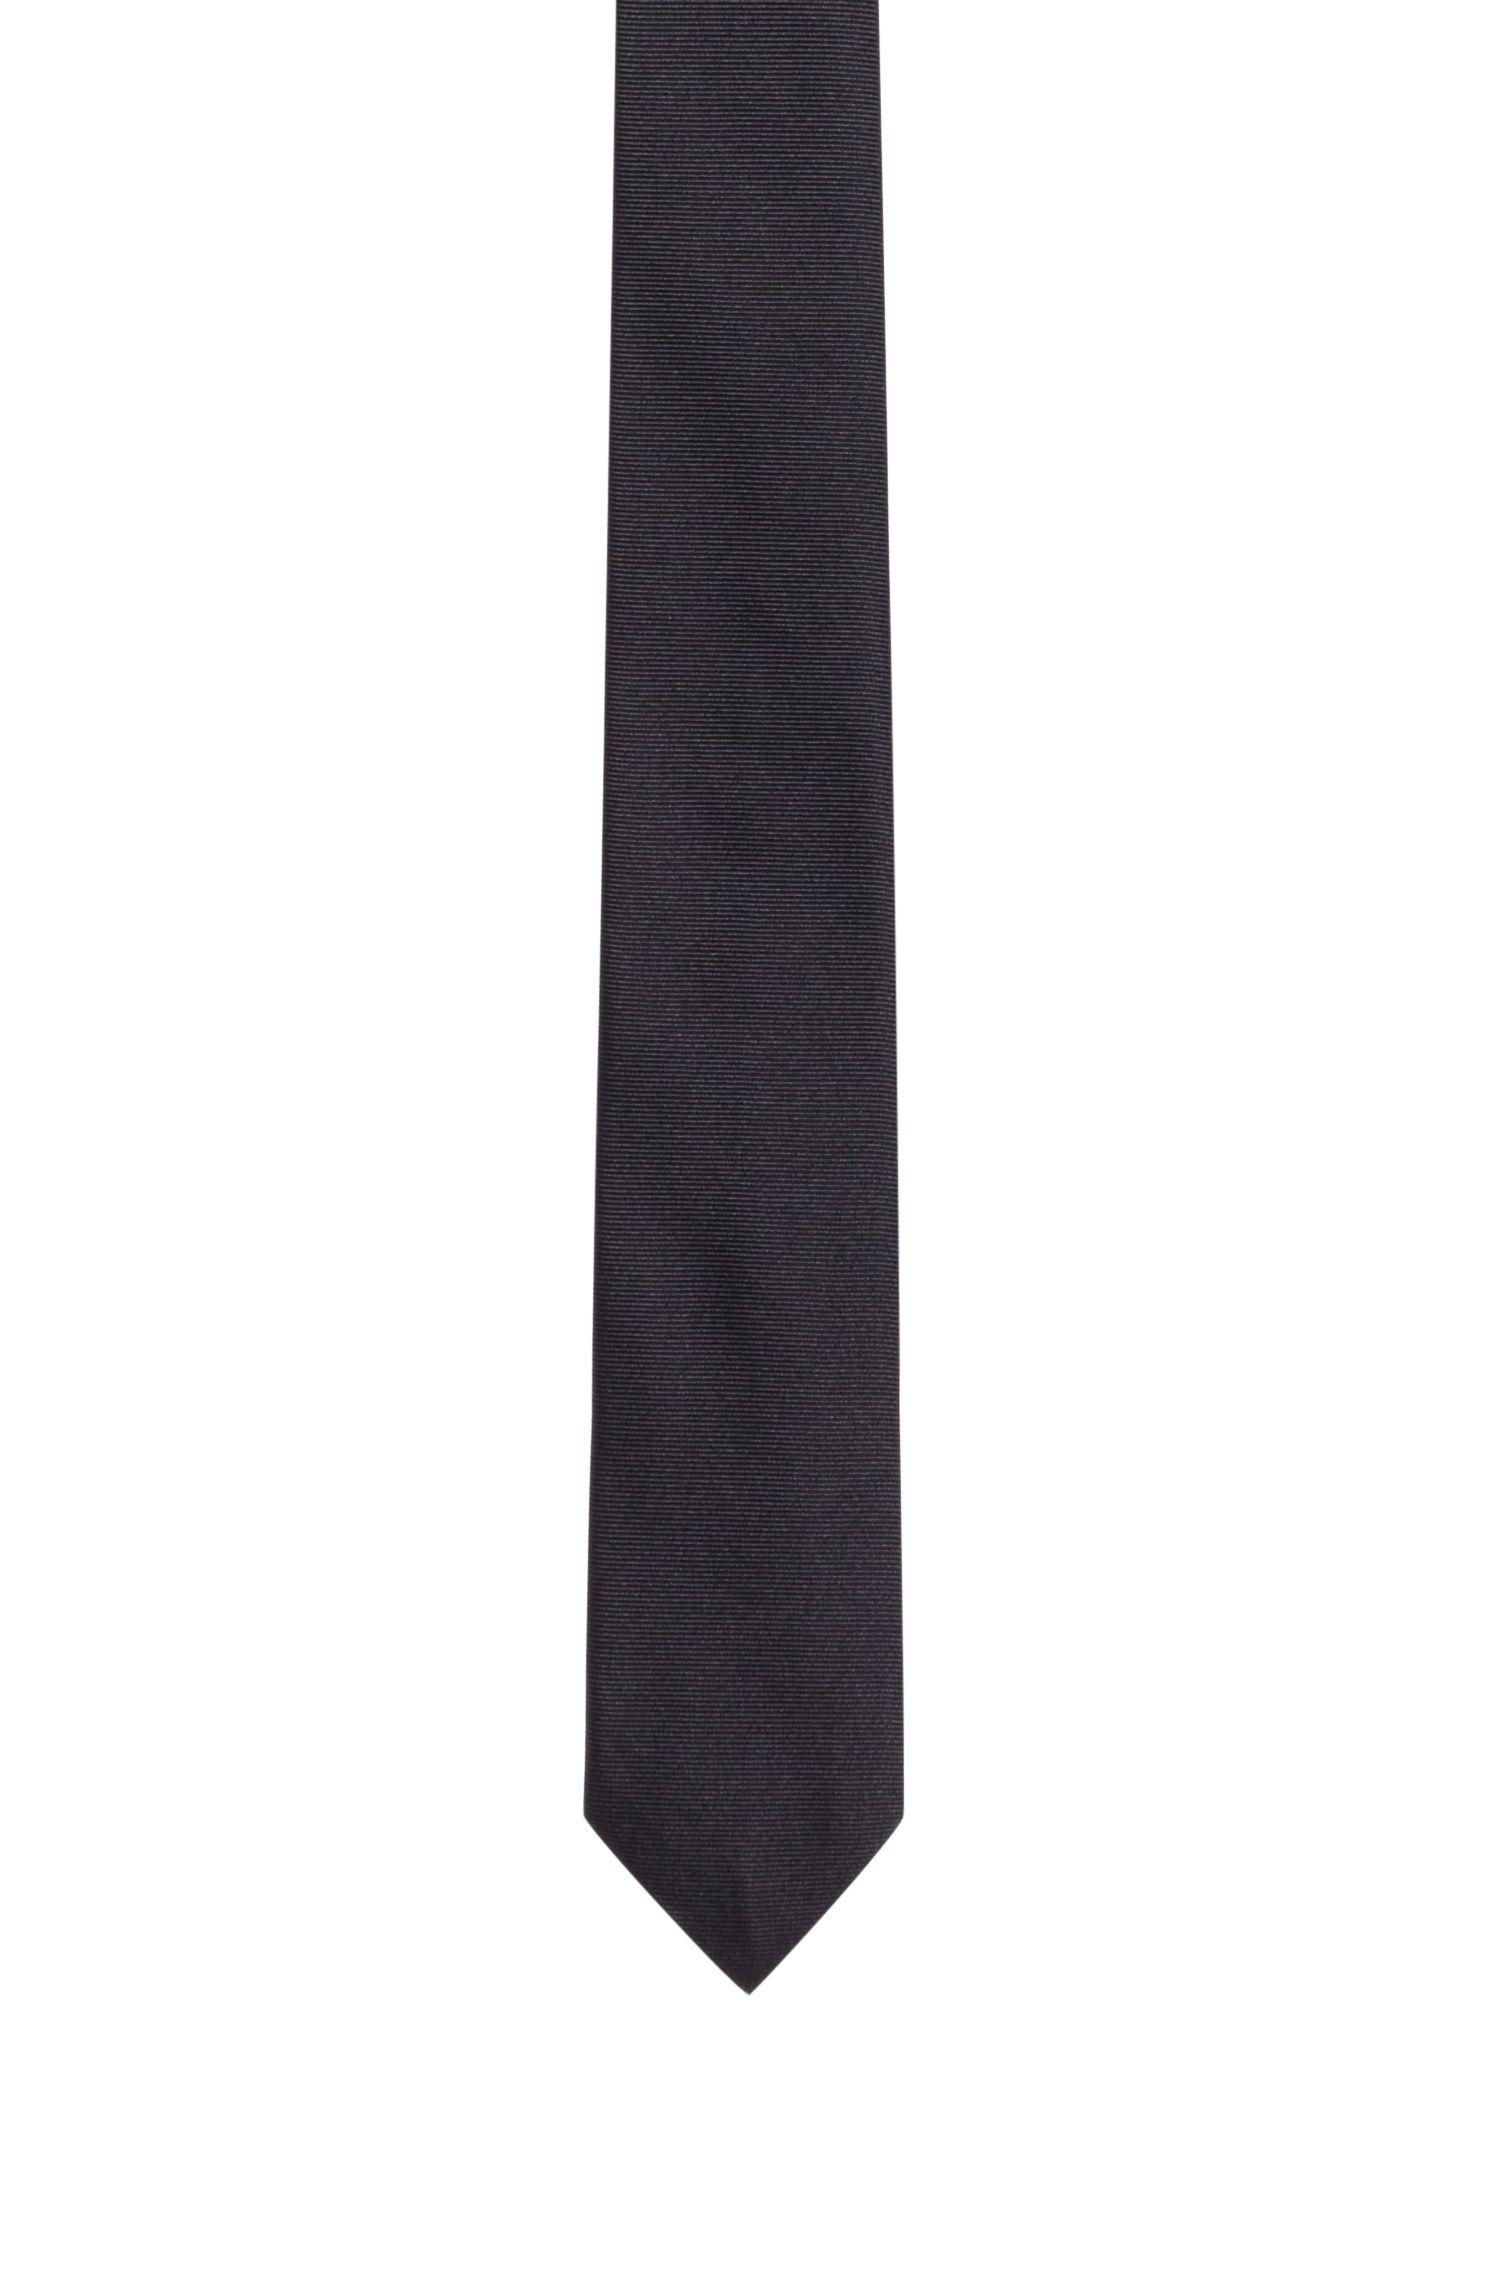 Corbata de seda en tejido de sarga